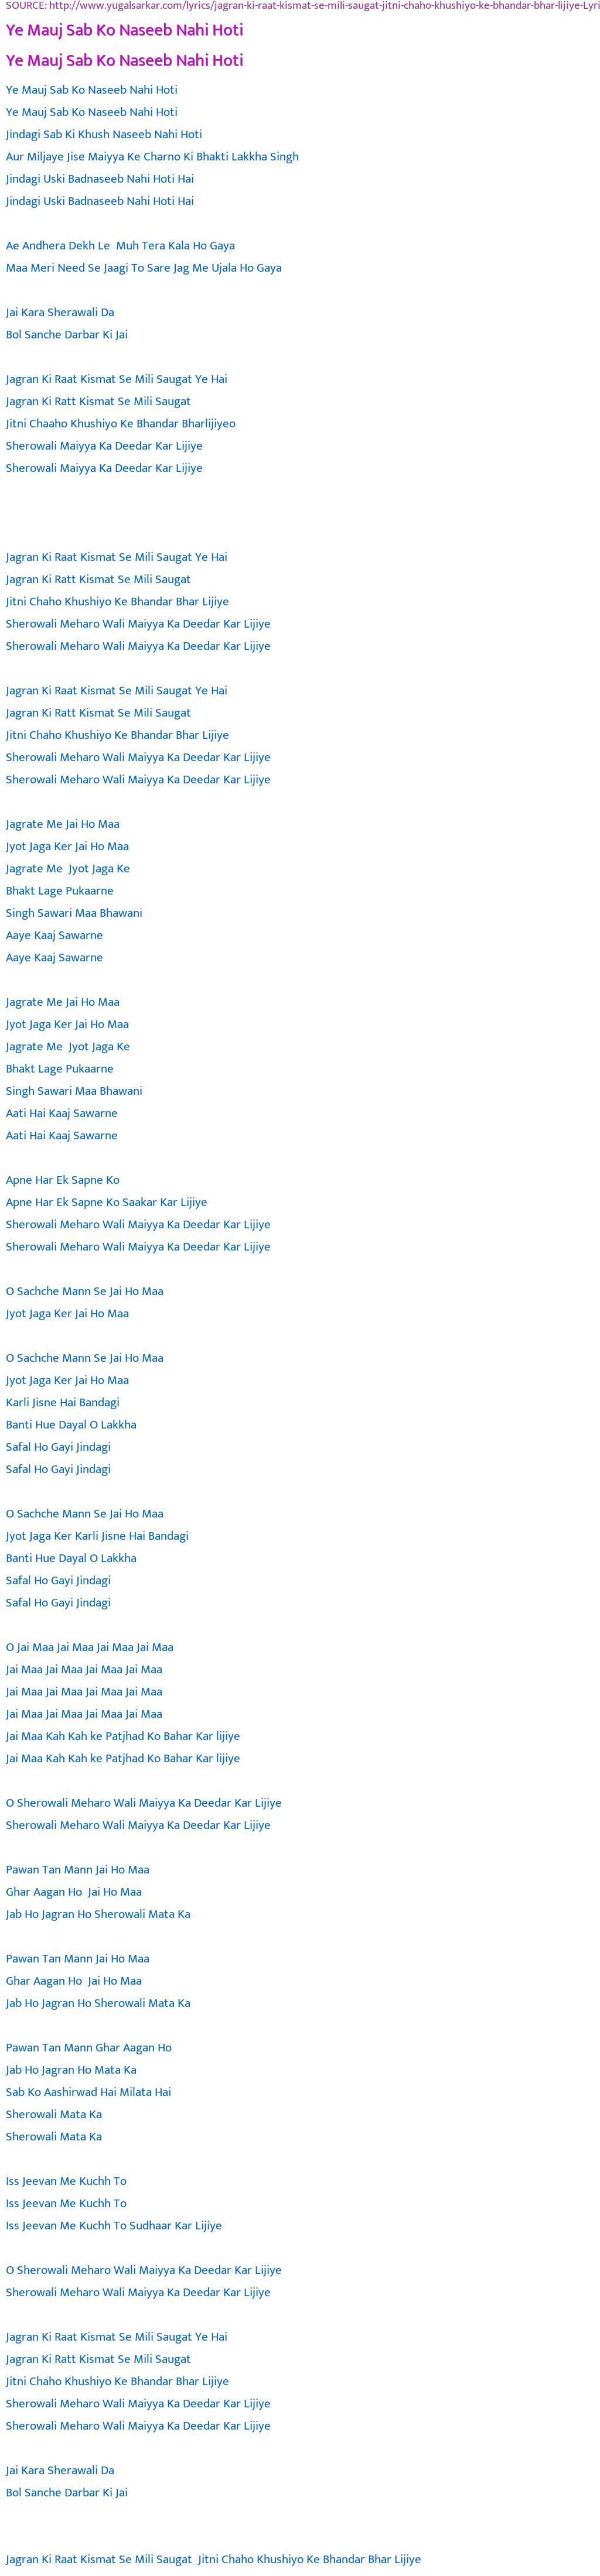 Lyrics Ye Mauj Sab Ko Naseeb Nahi Hoti Ye Mauj Sab Ko Naseeb